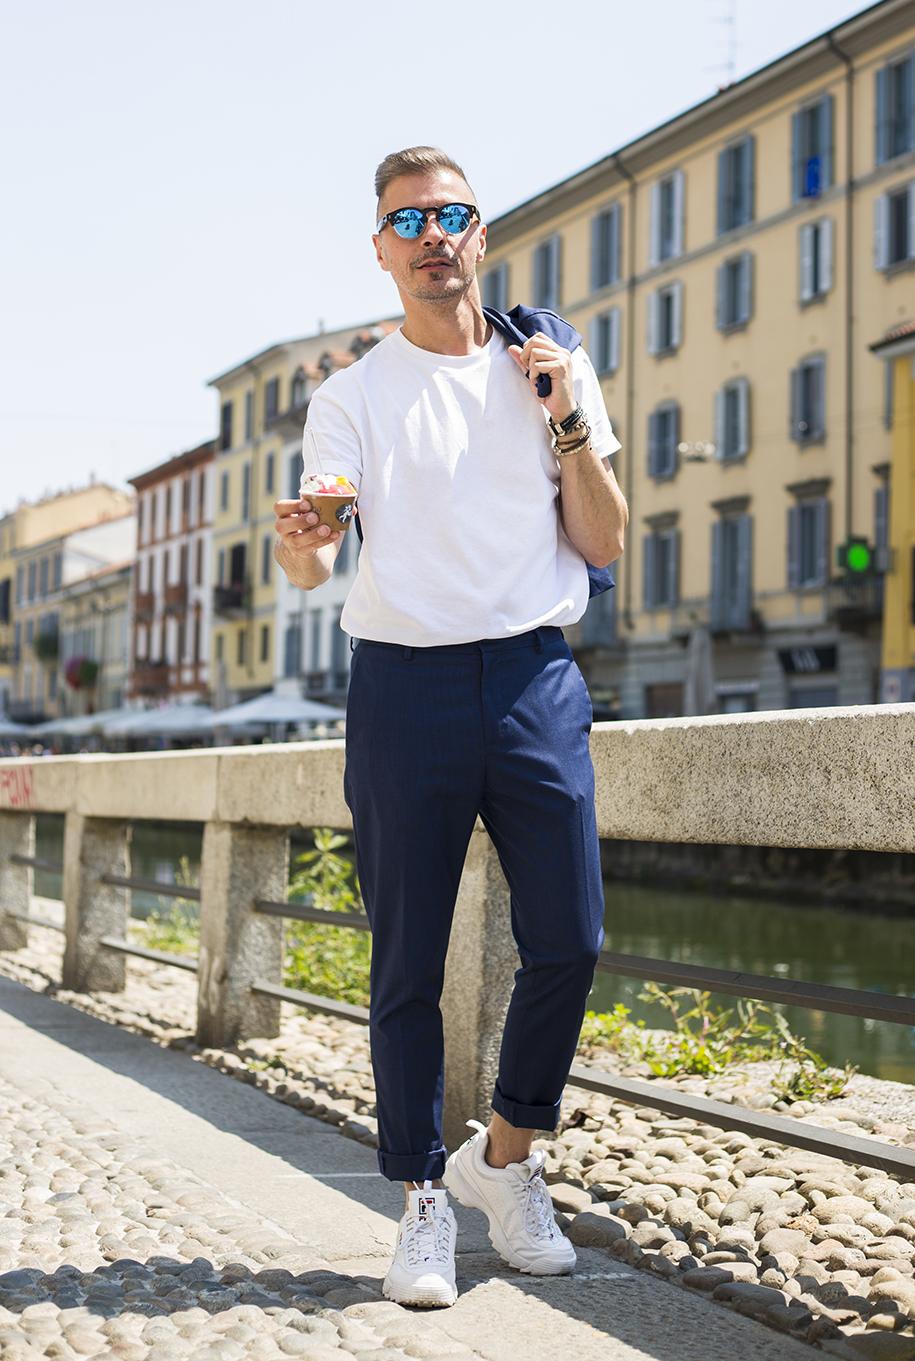 Milano Navigli Ovidiu Muresanu